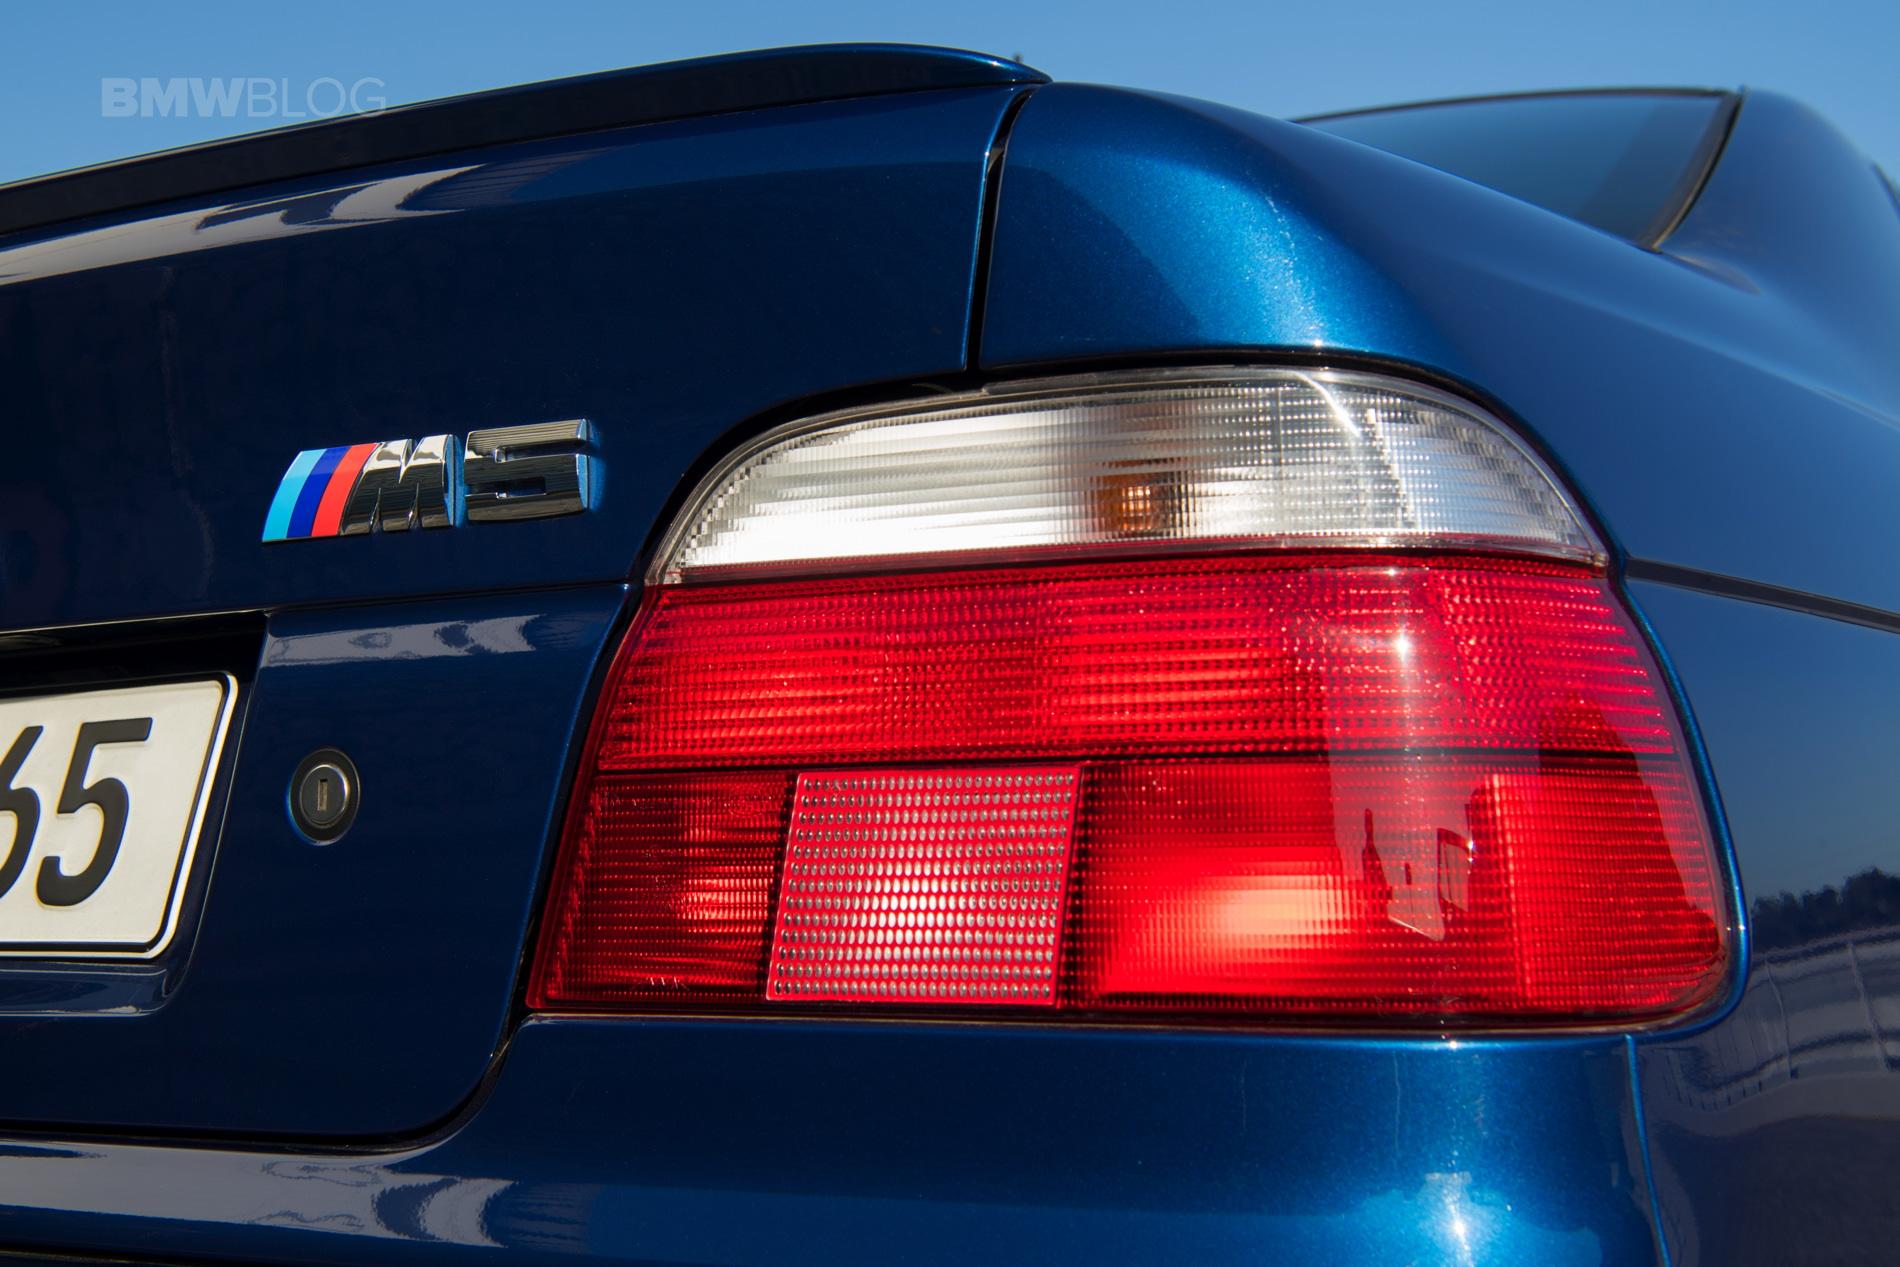 BMW E39 M5 36